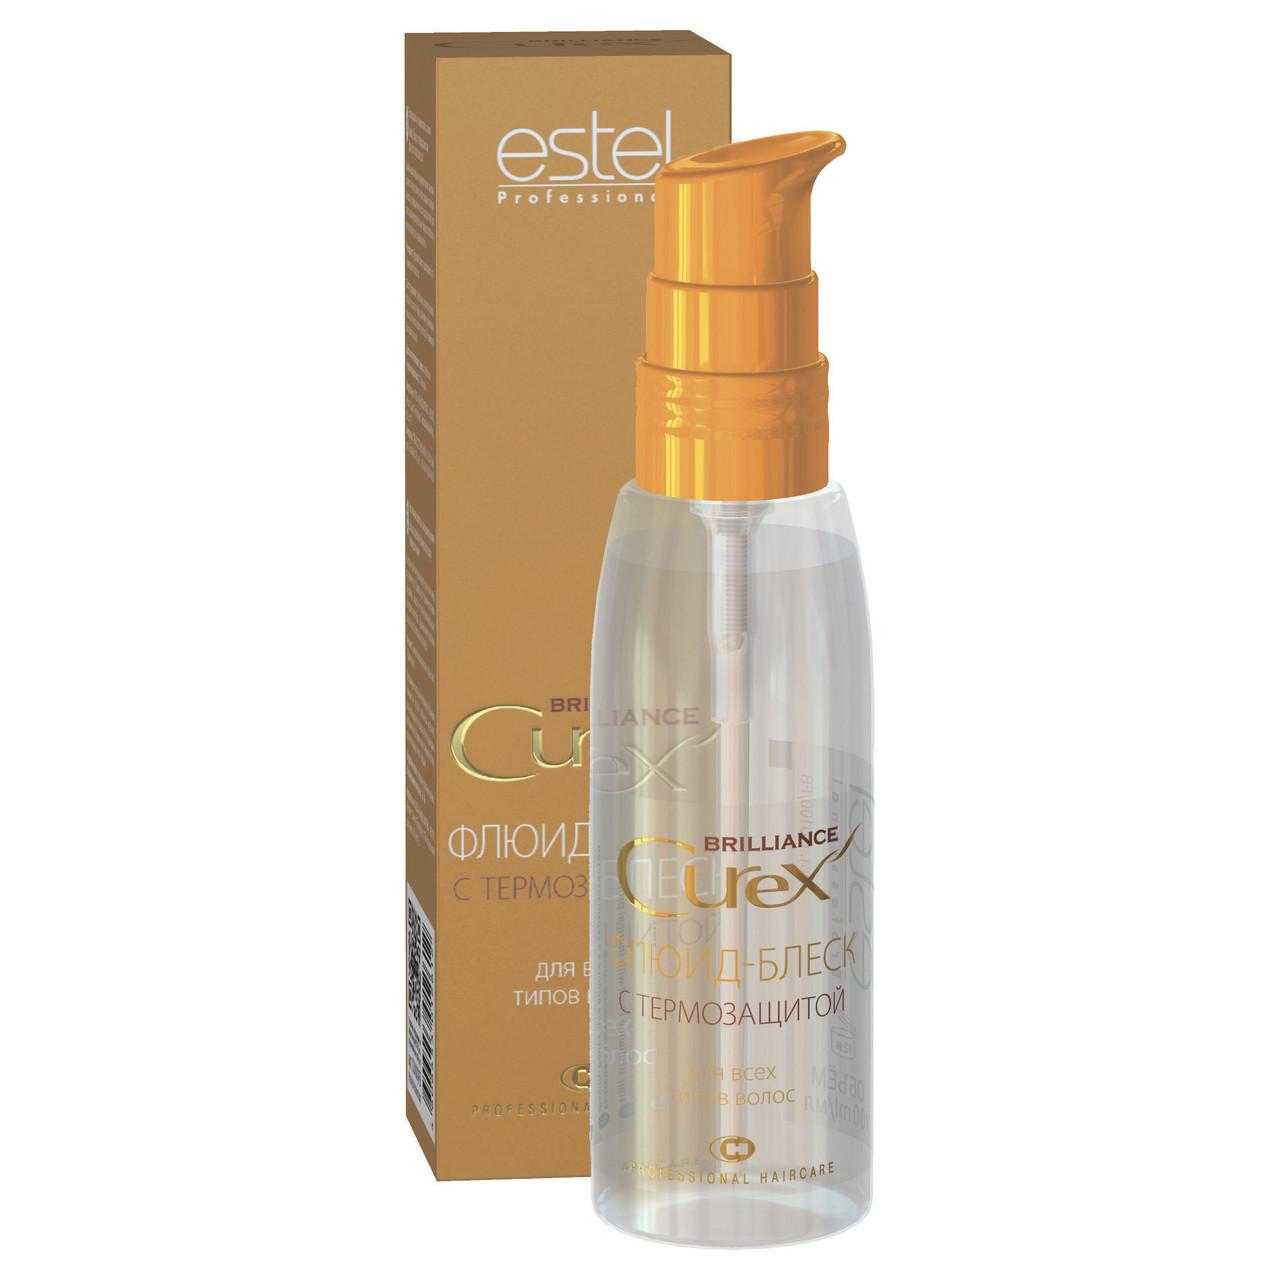 ESTEL CUREX BRILLIANCE Флюїд блиск для волосся з термозахистом 100 мл